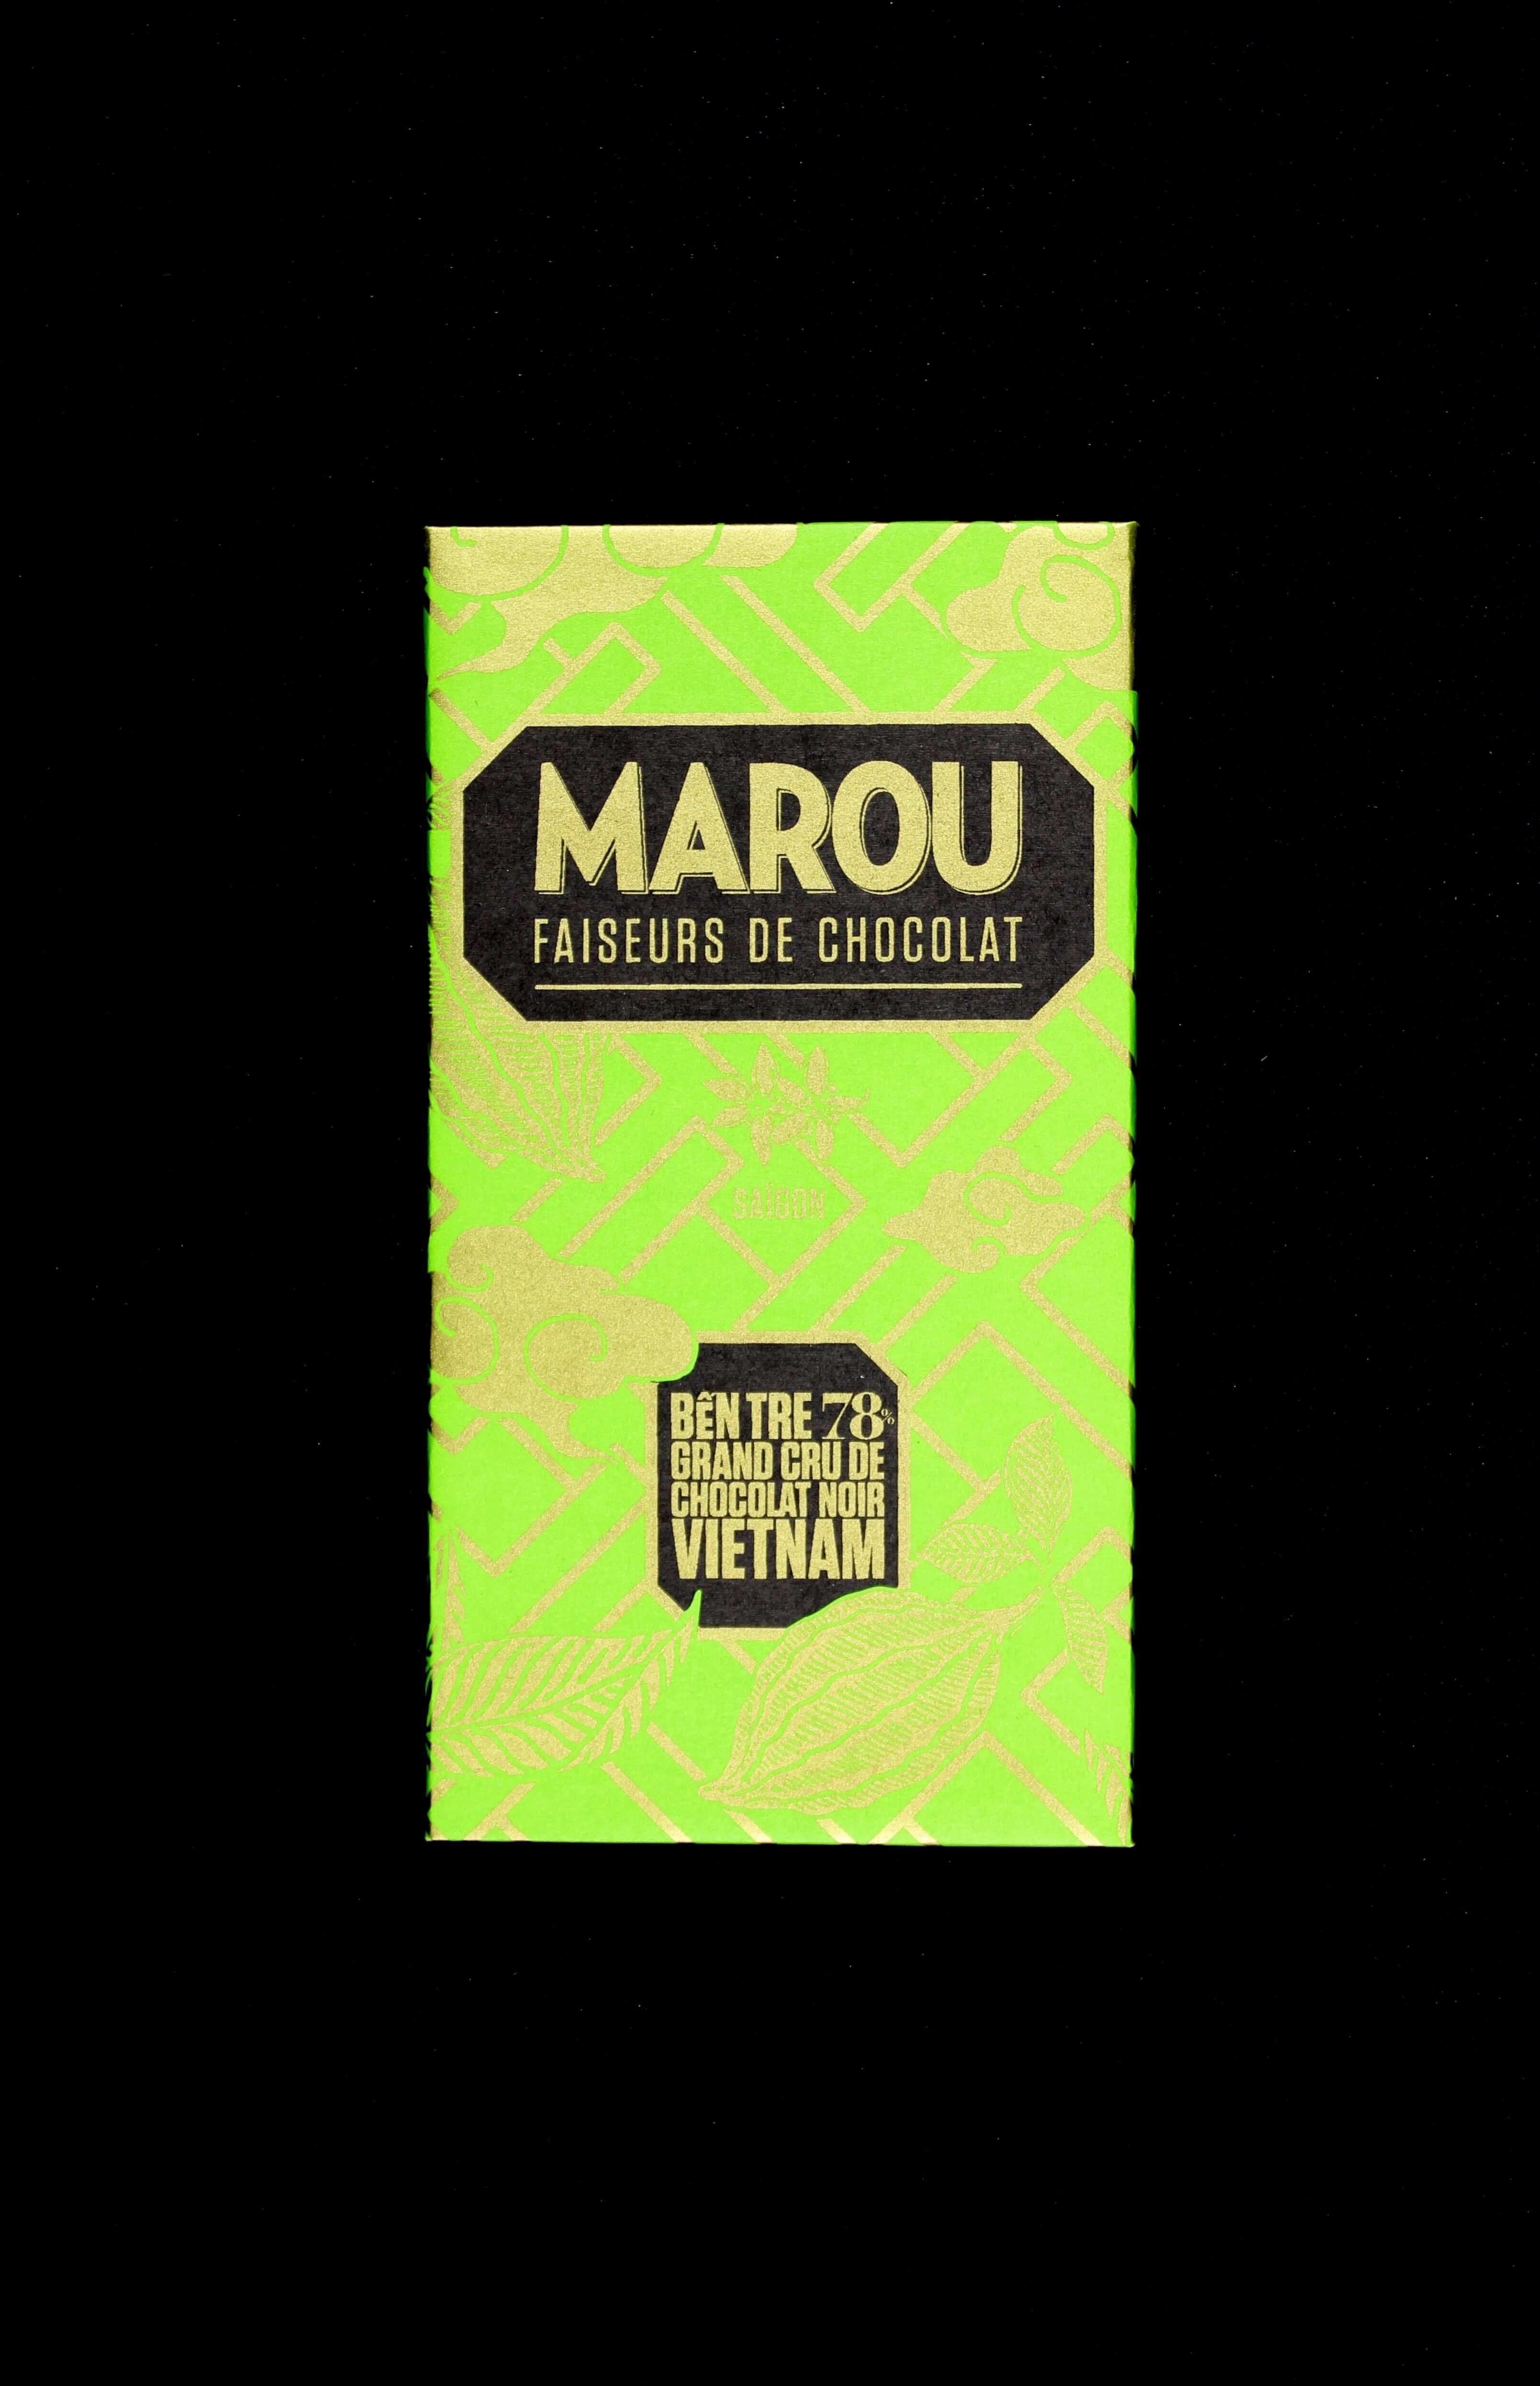 marou faiseurs de chocolat ben tre 78 vietnam